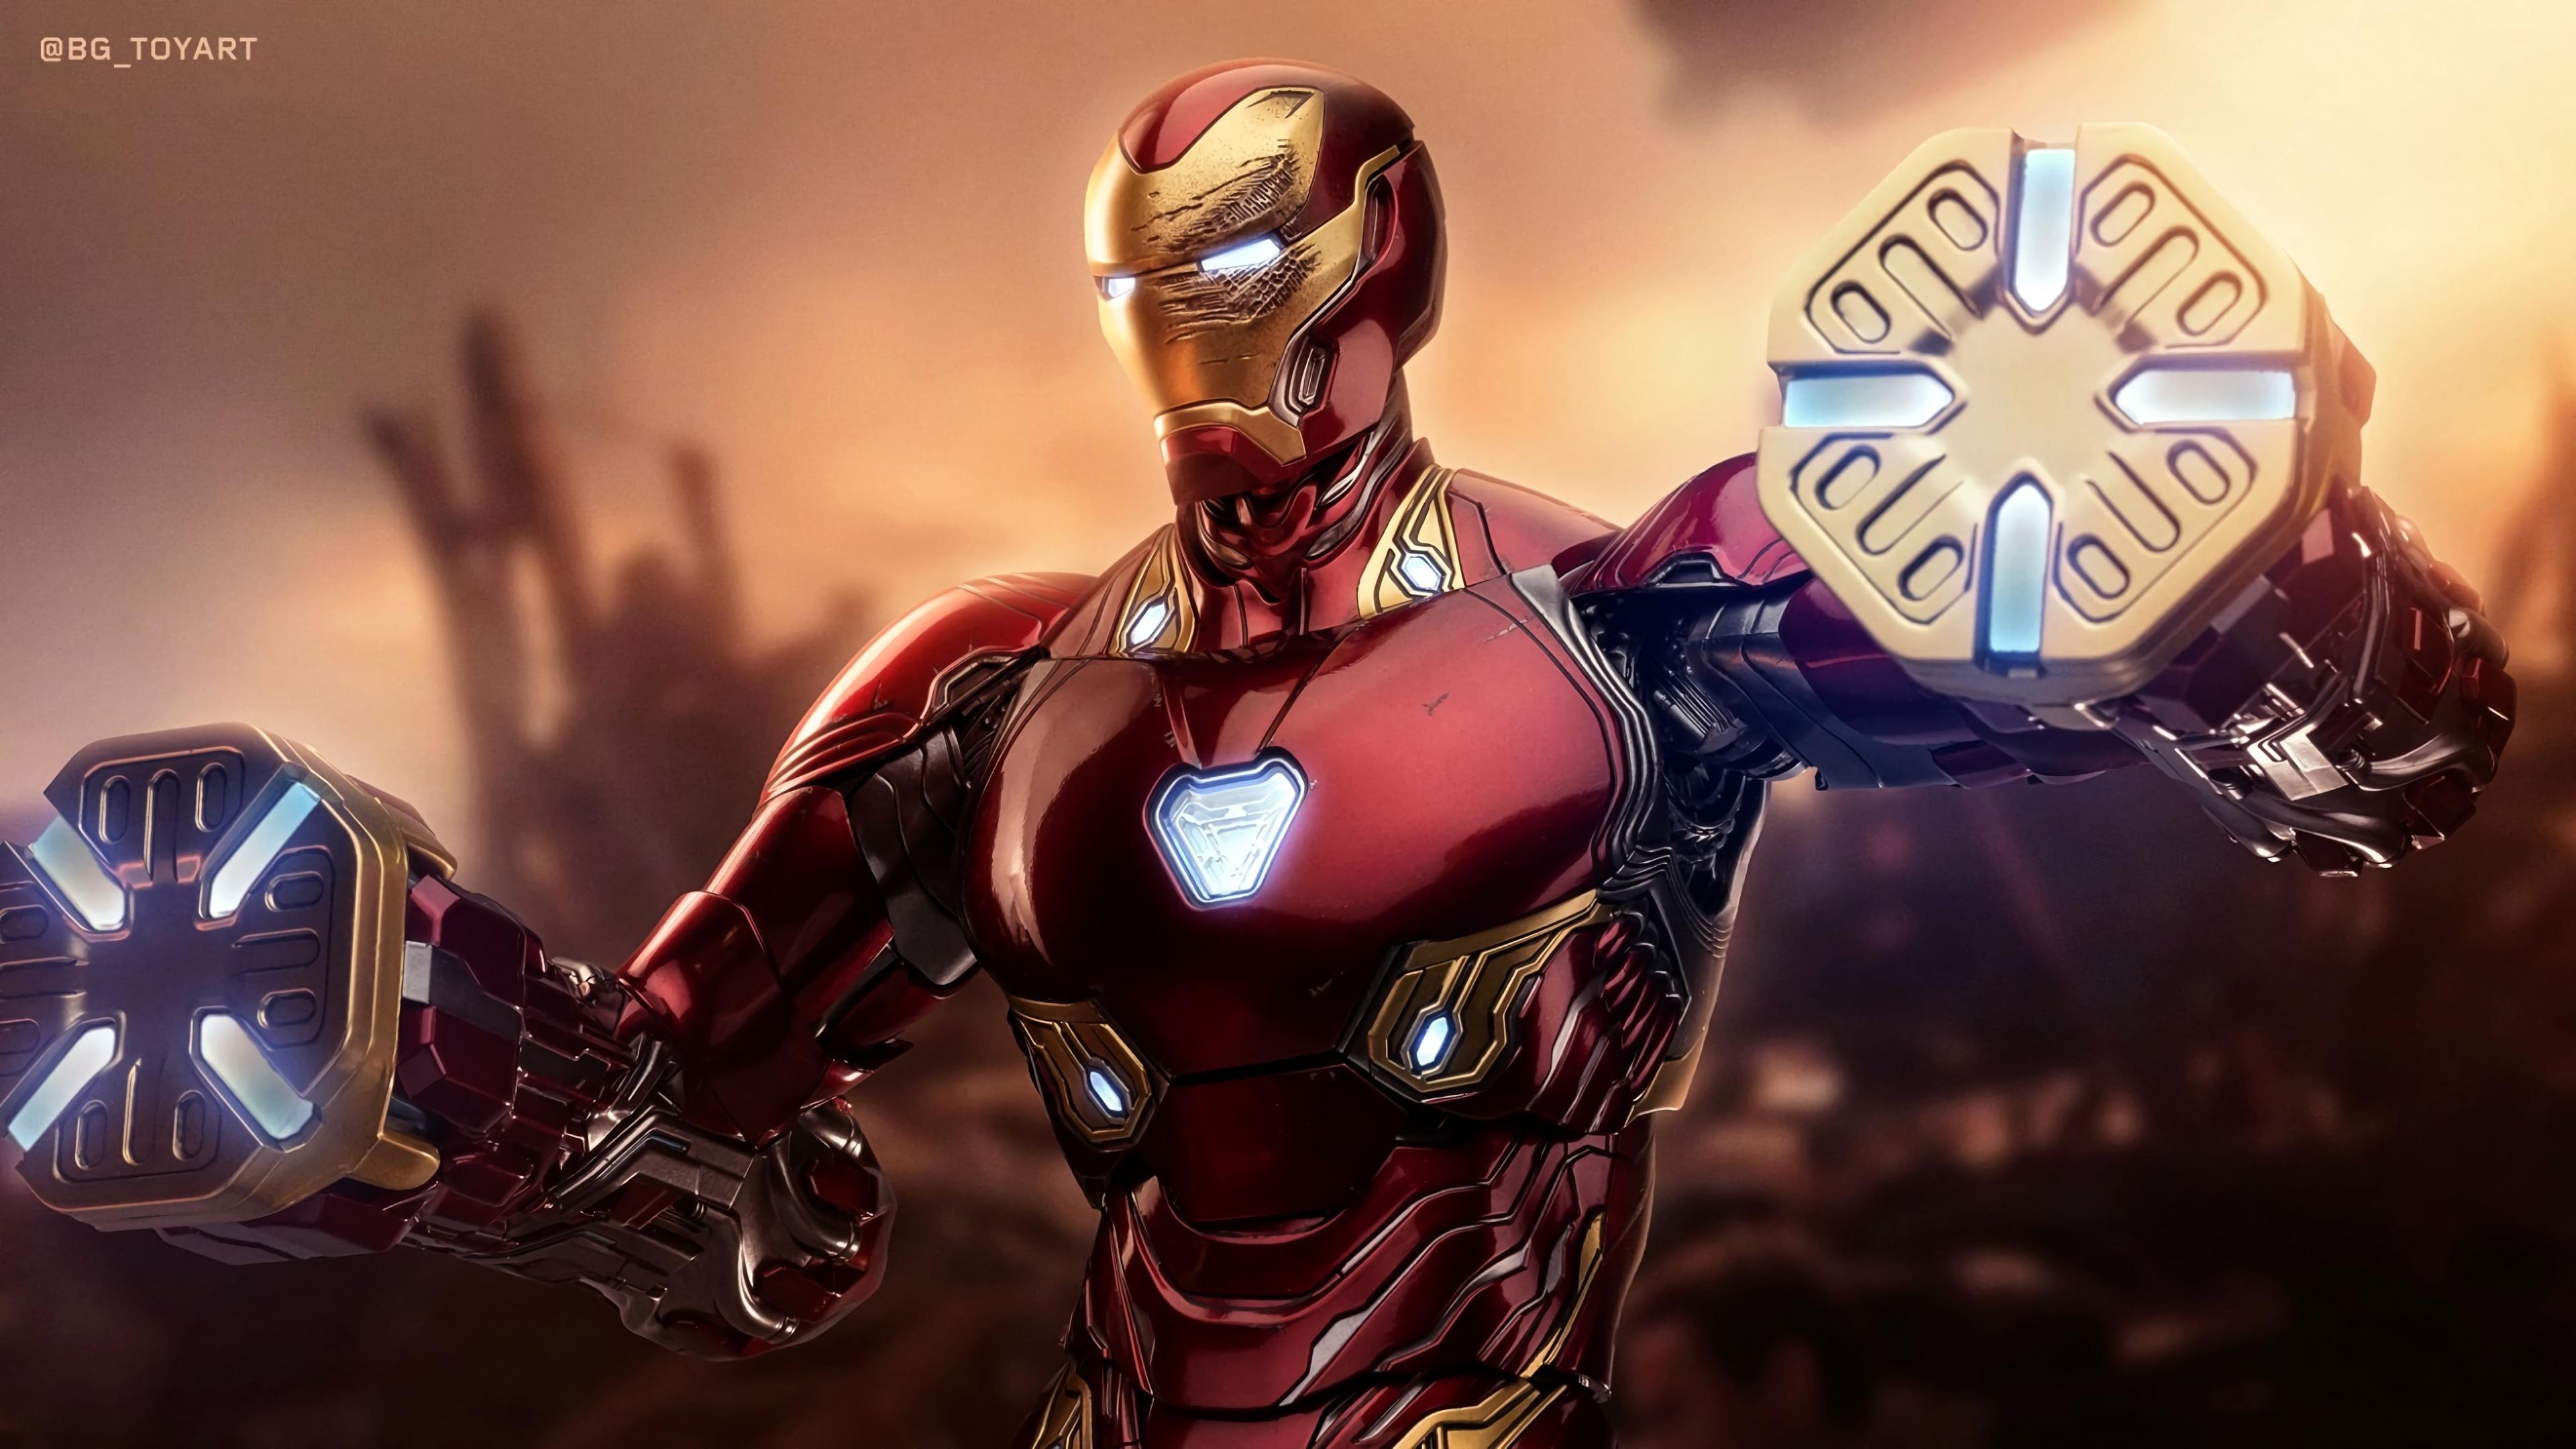 iron man mark 45 suit 1568054845 - Iron Man Mark 45 Suit - superheroes wallpapers, iron man wallpapers, hd-wallpapers, digital art wallpapers, artwork wallpapers, 4k-wallpapers